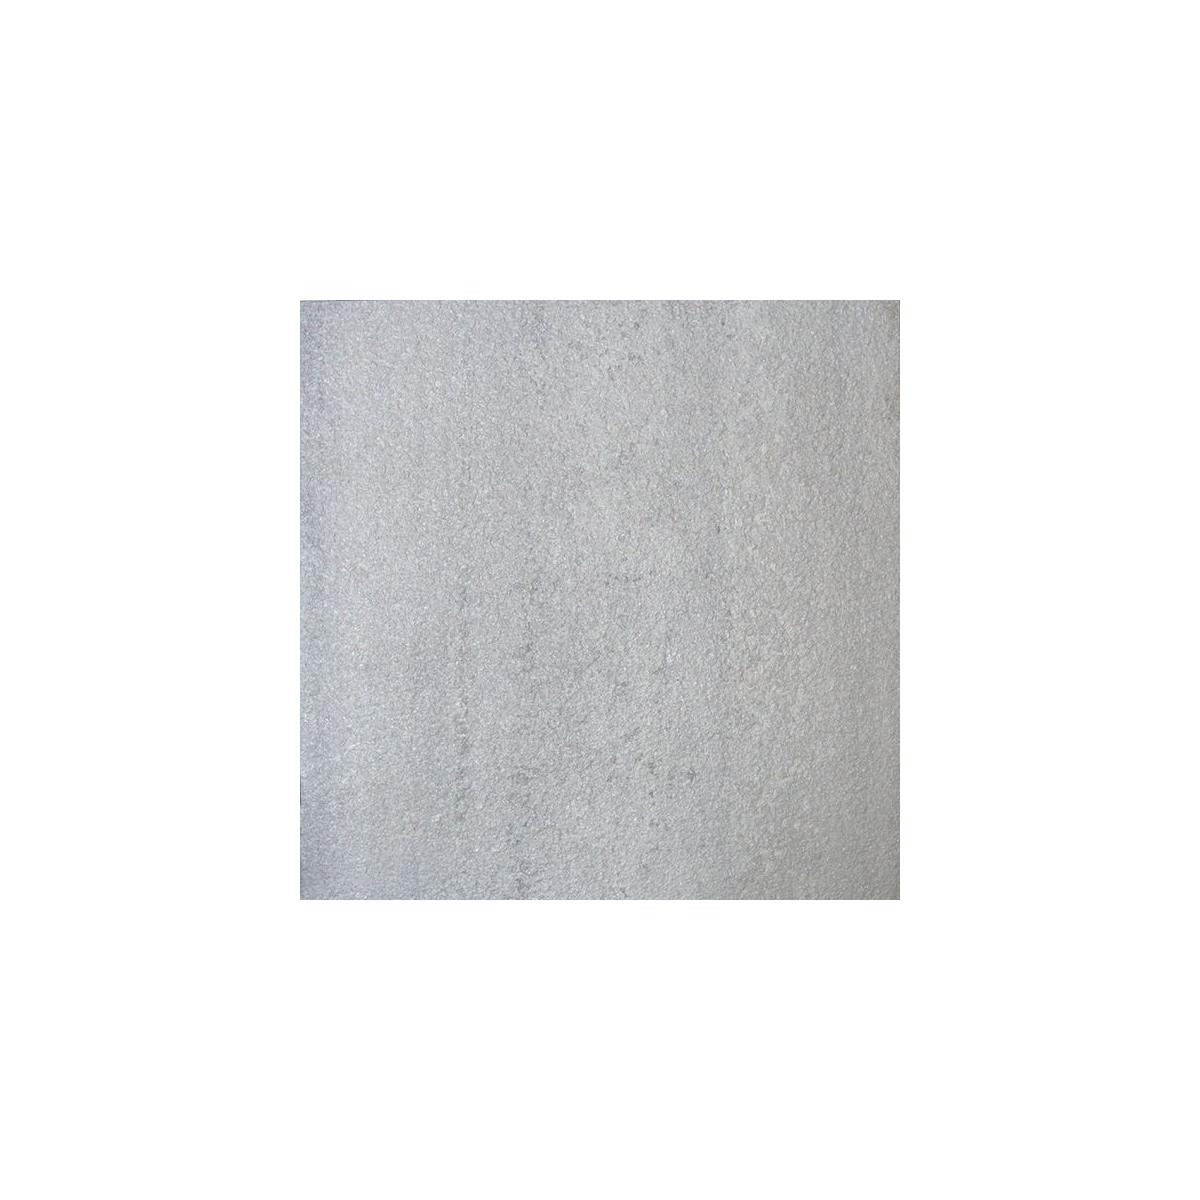 Base Dolmen Grain 40x40 - Colección Venatto - Bordes de piscina - Marca GrecoGres